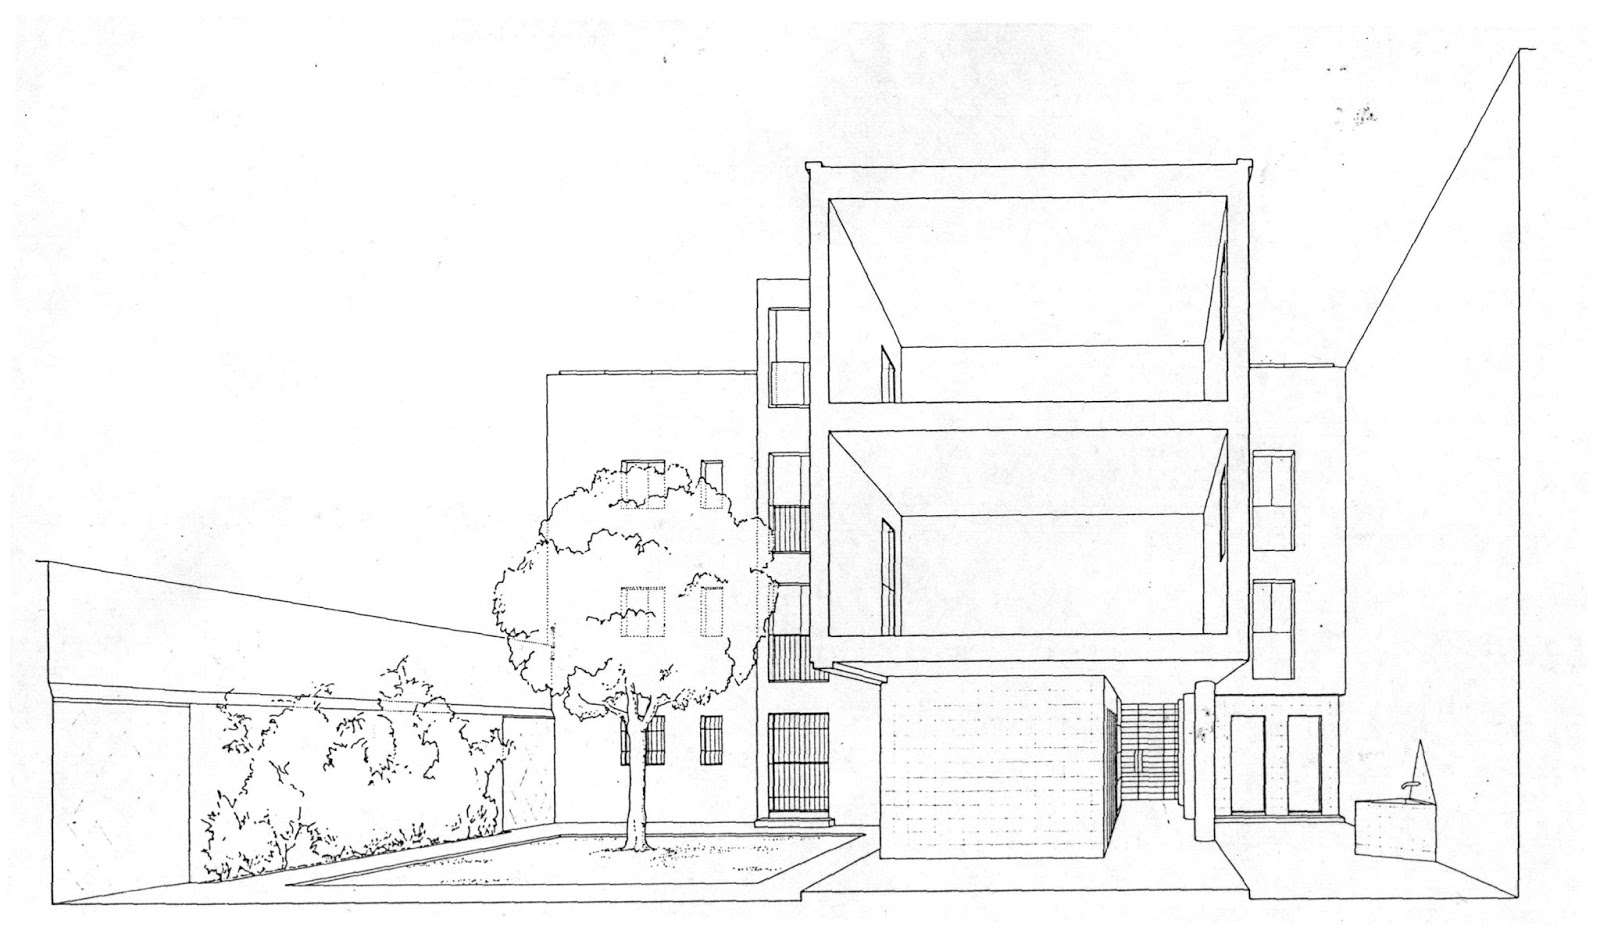 Jasone ayerbe garc a y fco javier ruiz recco arquitectos 11 viviendas de proteccion oficial - Casas proteccion oficial ...